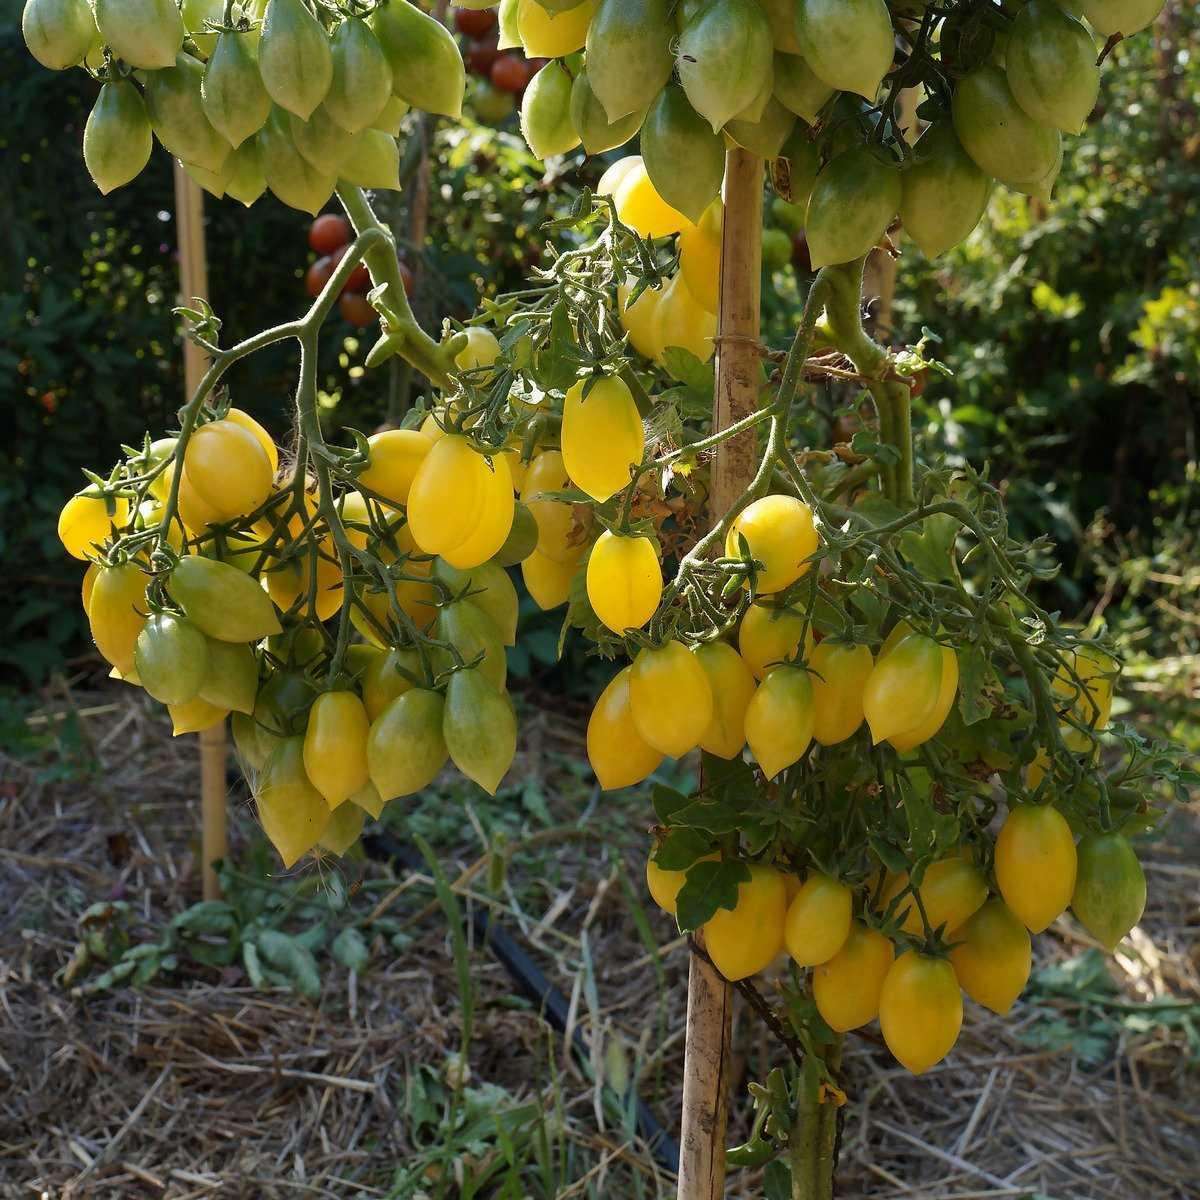 pomidory-cherri-foto-video-luchshie-sorta-opisanie-lichnyj-opyt-vyrashhivaniya-10